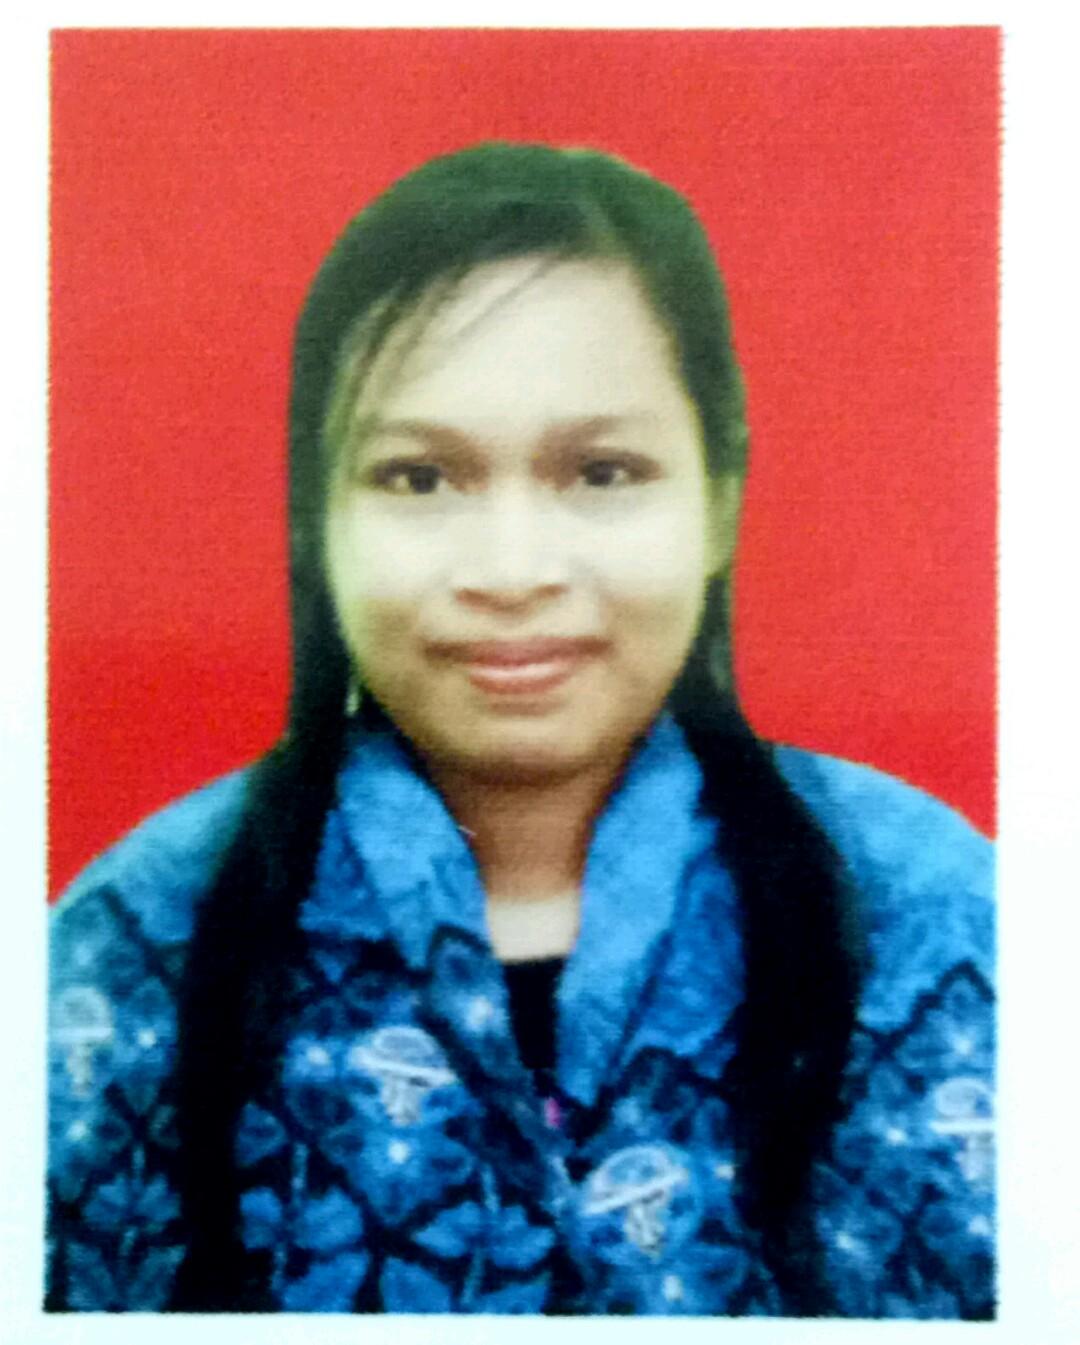 NI PUTU ARI DARMAYANTI Universitas Mahasaraswati Denpasar